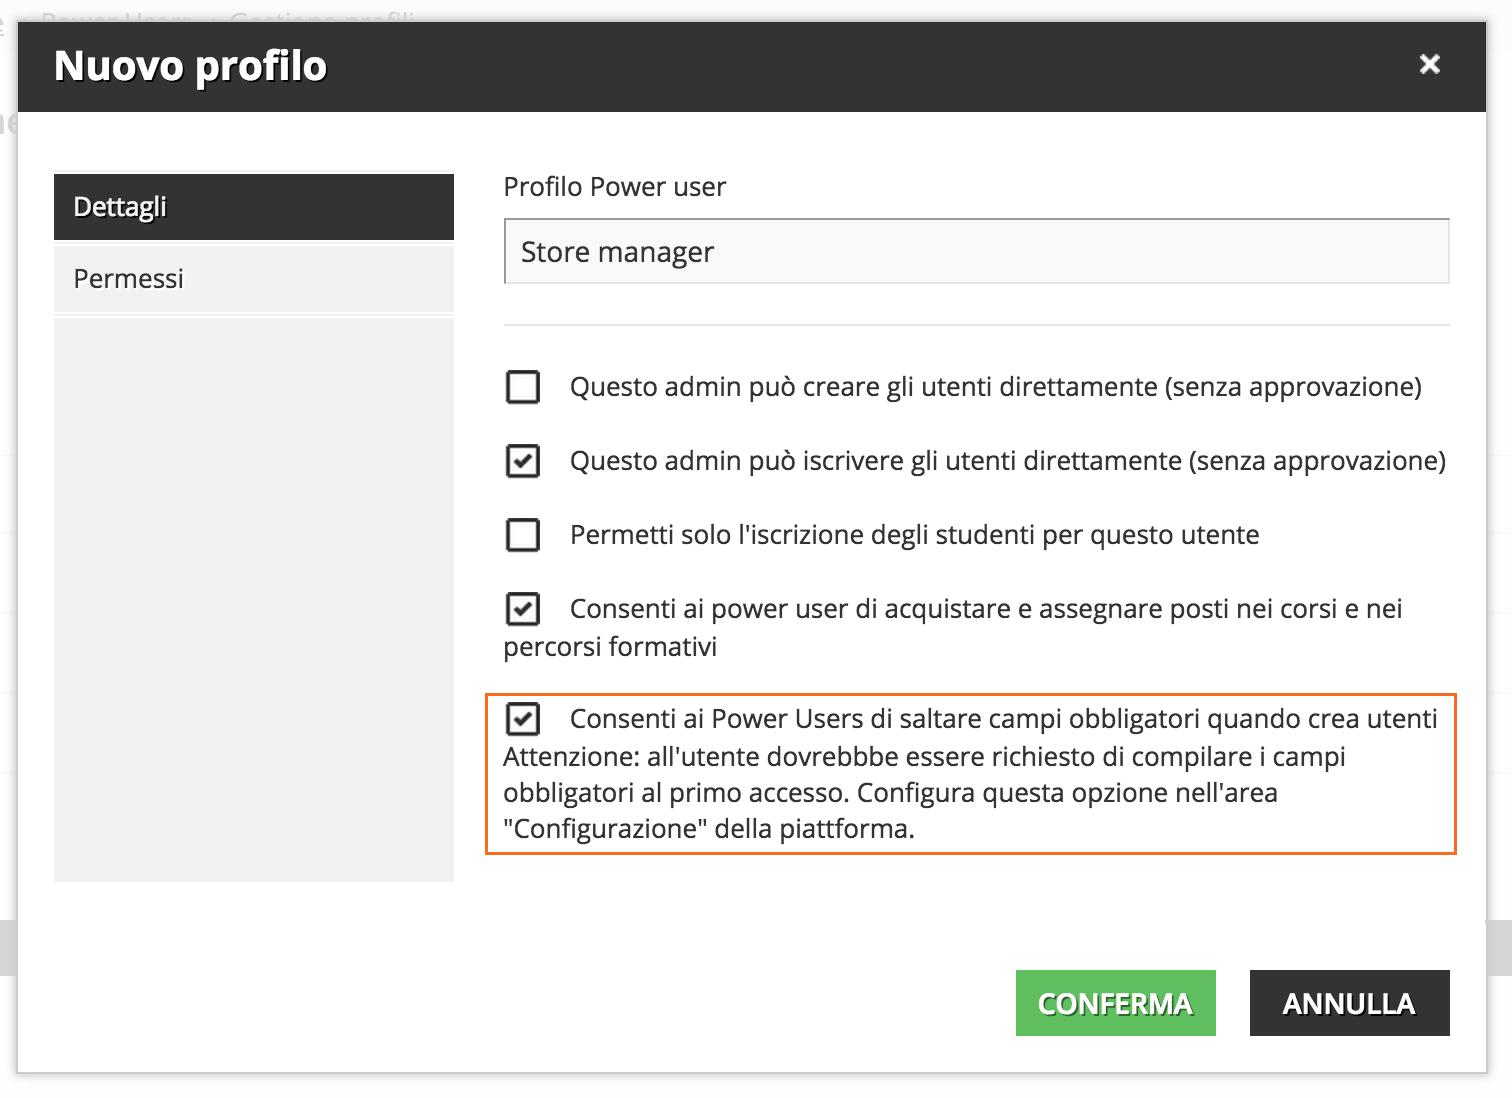 Nuovo profilo Power user